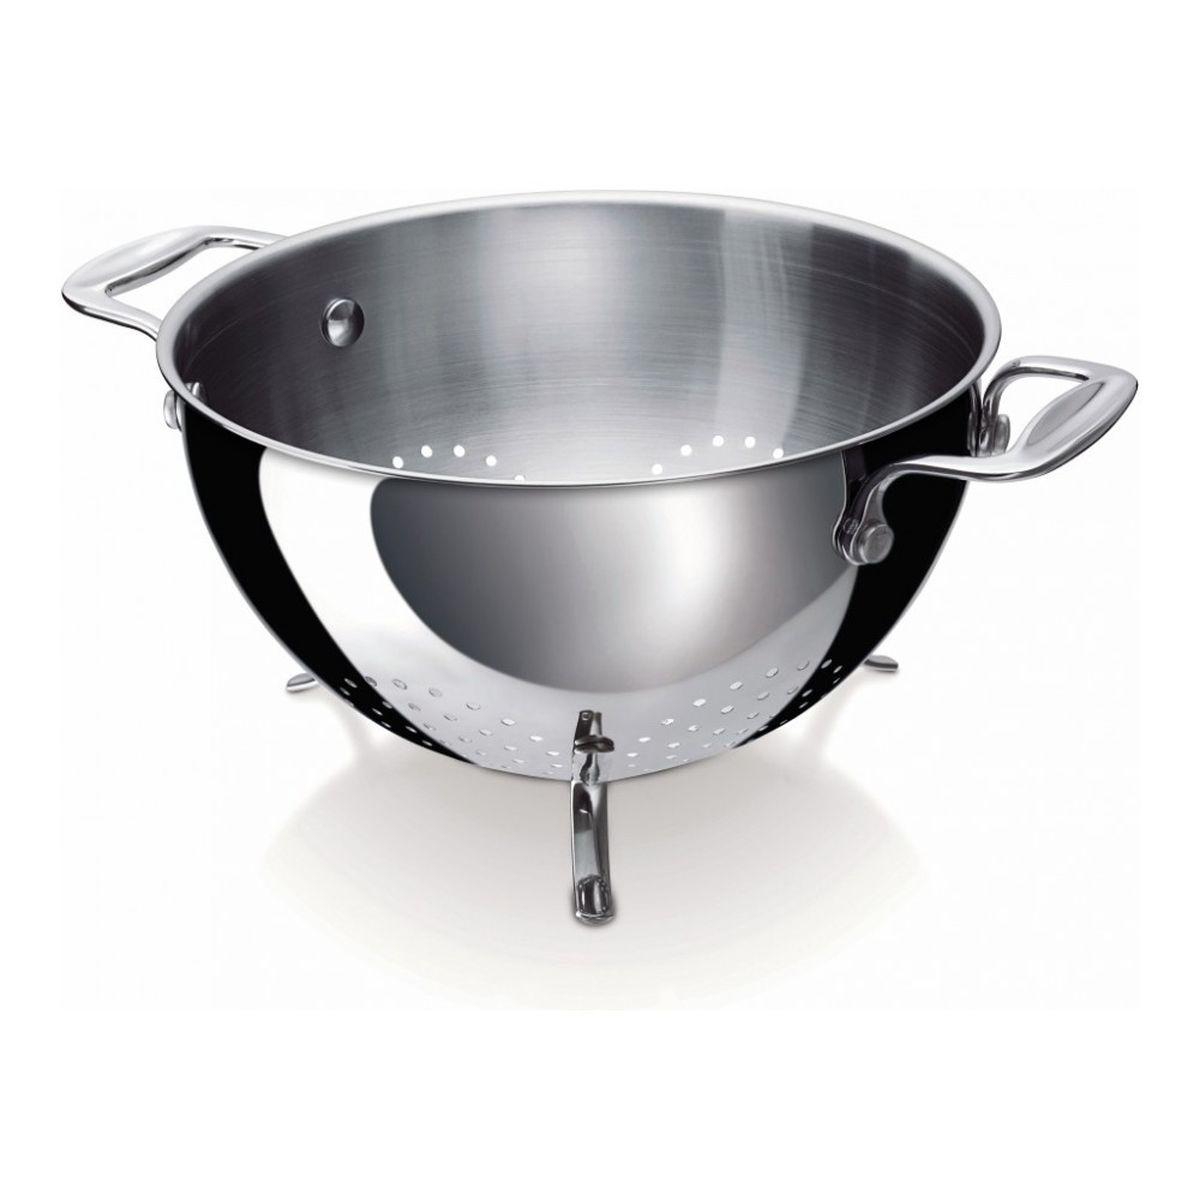 """Дуршлаг Beka """"Chef"""" выполнен из нержавеющей стали. Удобный дуршлаг оснащен устойчивыми ножками, ручки фиксированные. Используемые в производстве материалы обеспечивают приготовление блюд без потери их вкусовых и питательных качеств.  Толщина стенки: 0,7 мм."""